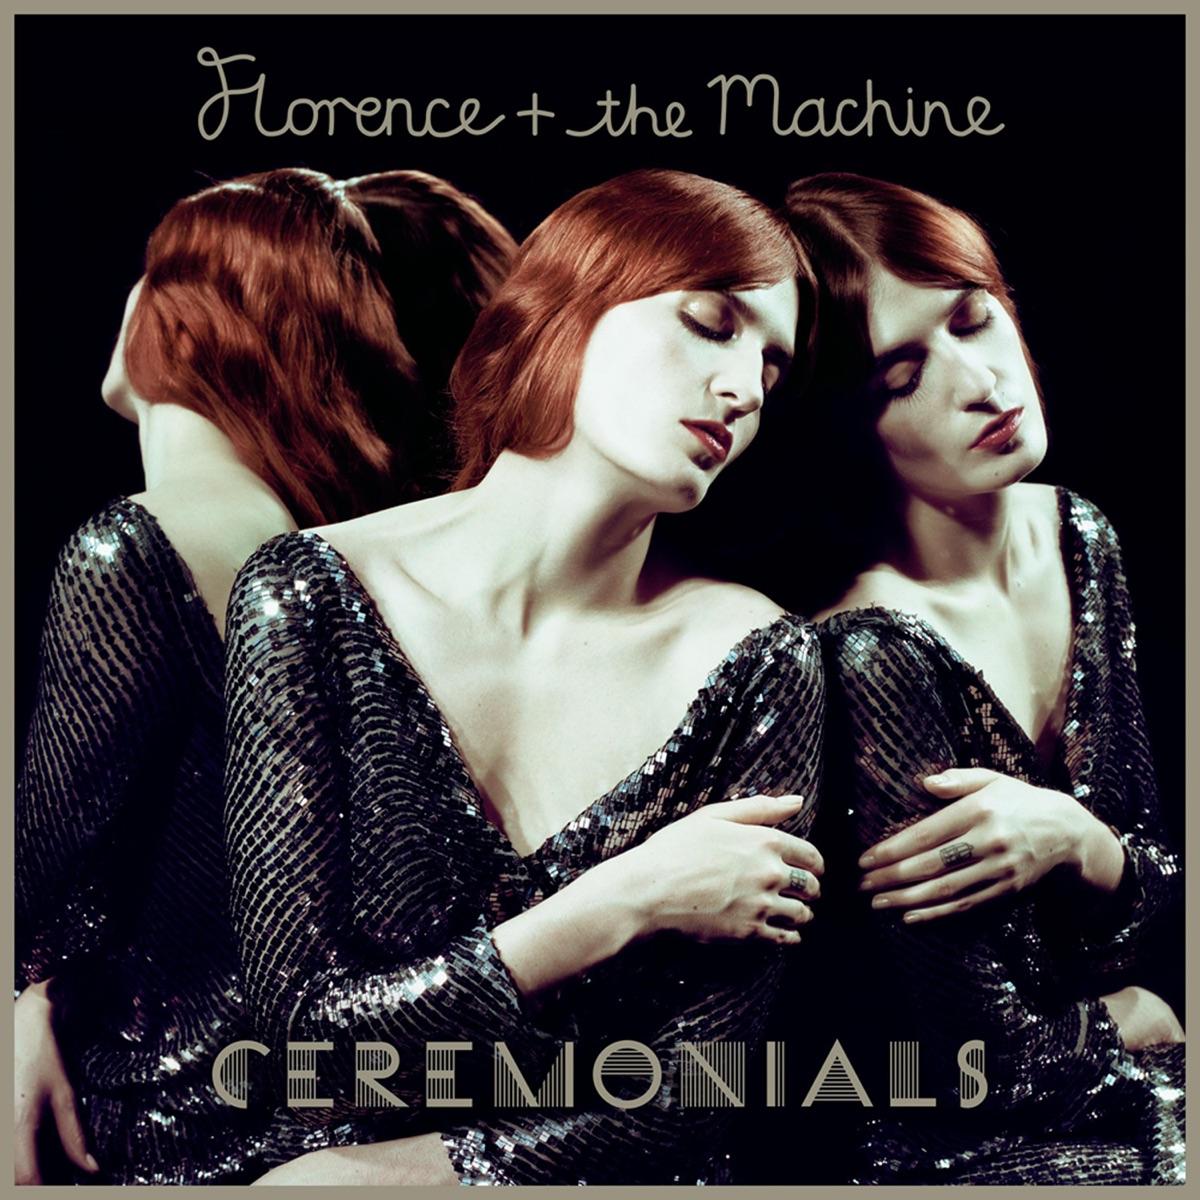 Resultado de imagem para florence and the machine ceremonials album cover